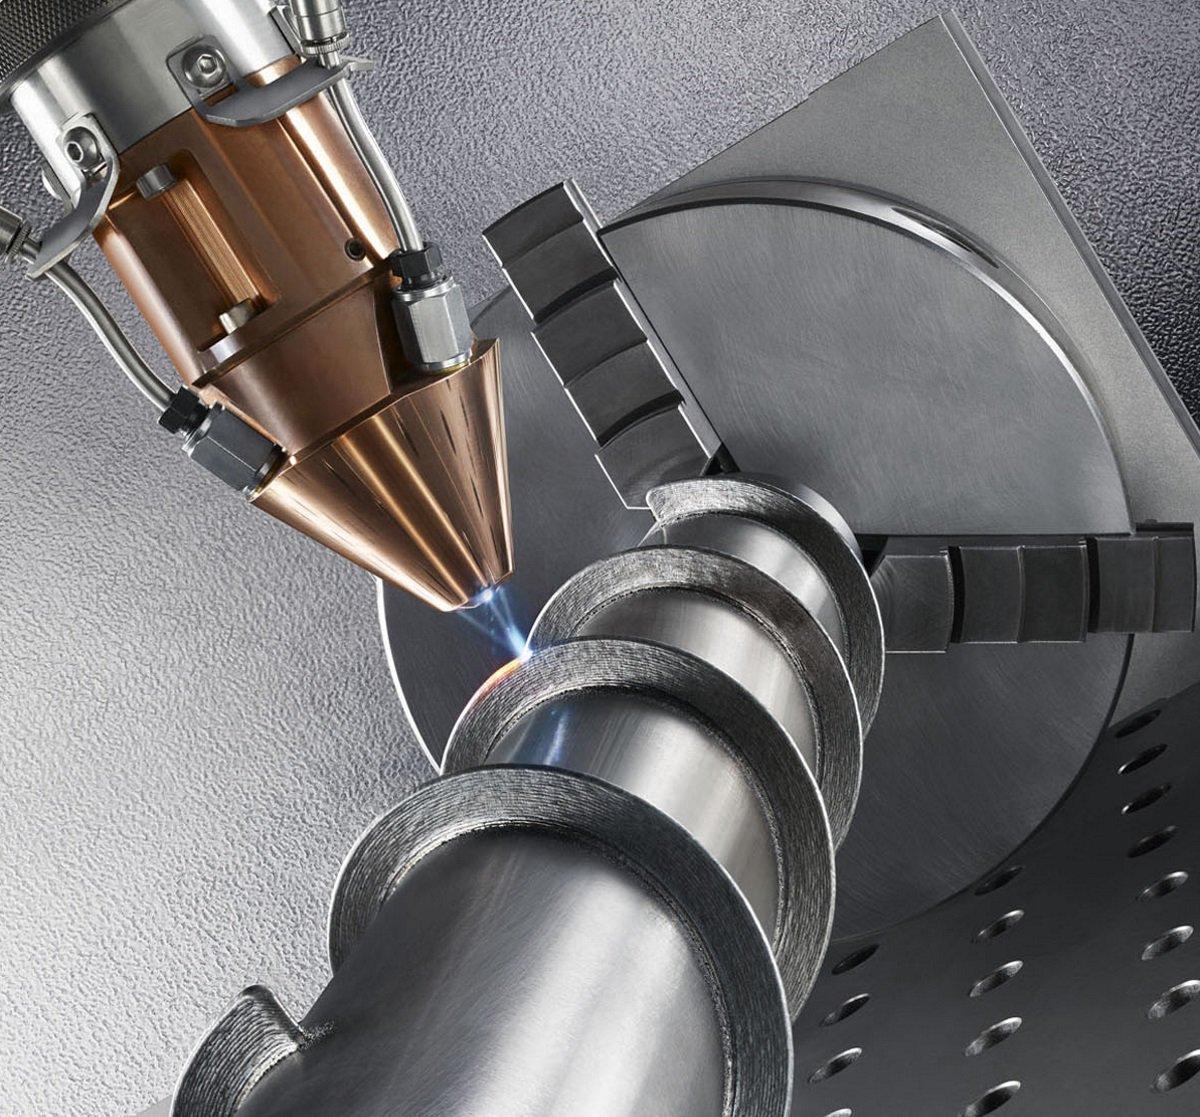 Гофрированная труба из нержавеющей стали: фото, видео, виды и характеристики